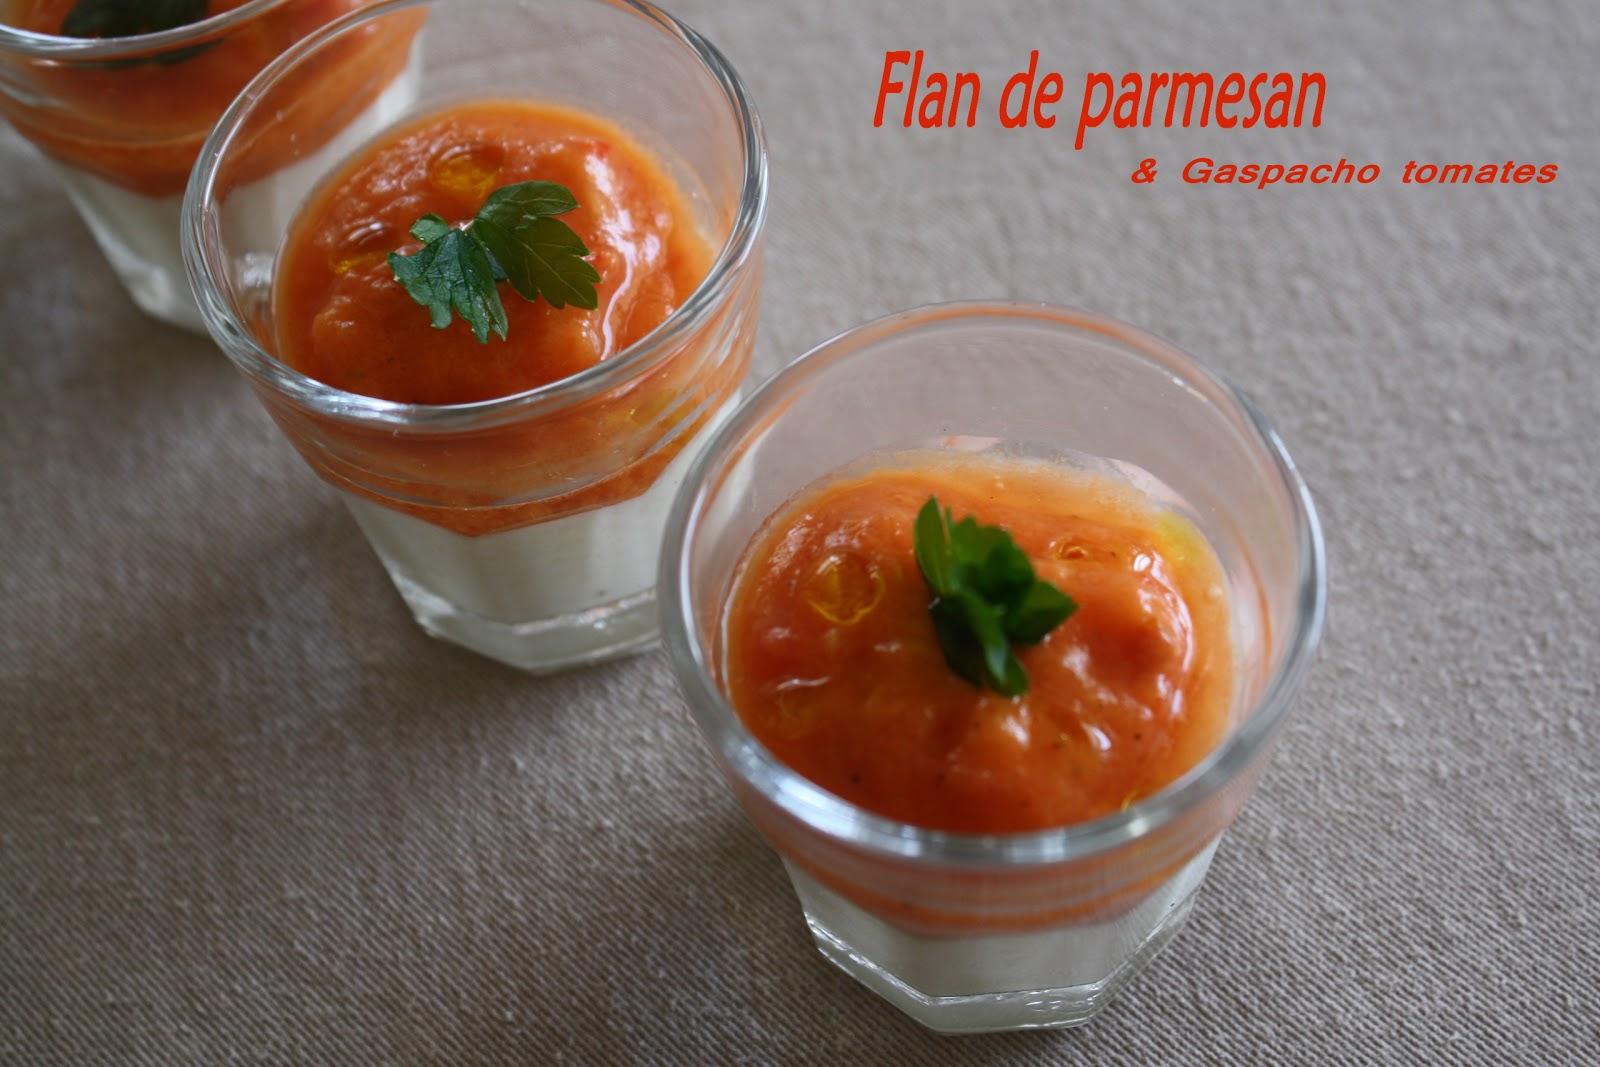 kriket 39 s cooking flan de parmesan et gaspacho de tomates. Black Bedroom Furniture Sets. Home Design Ideas